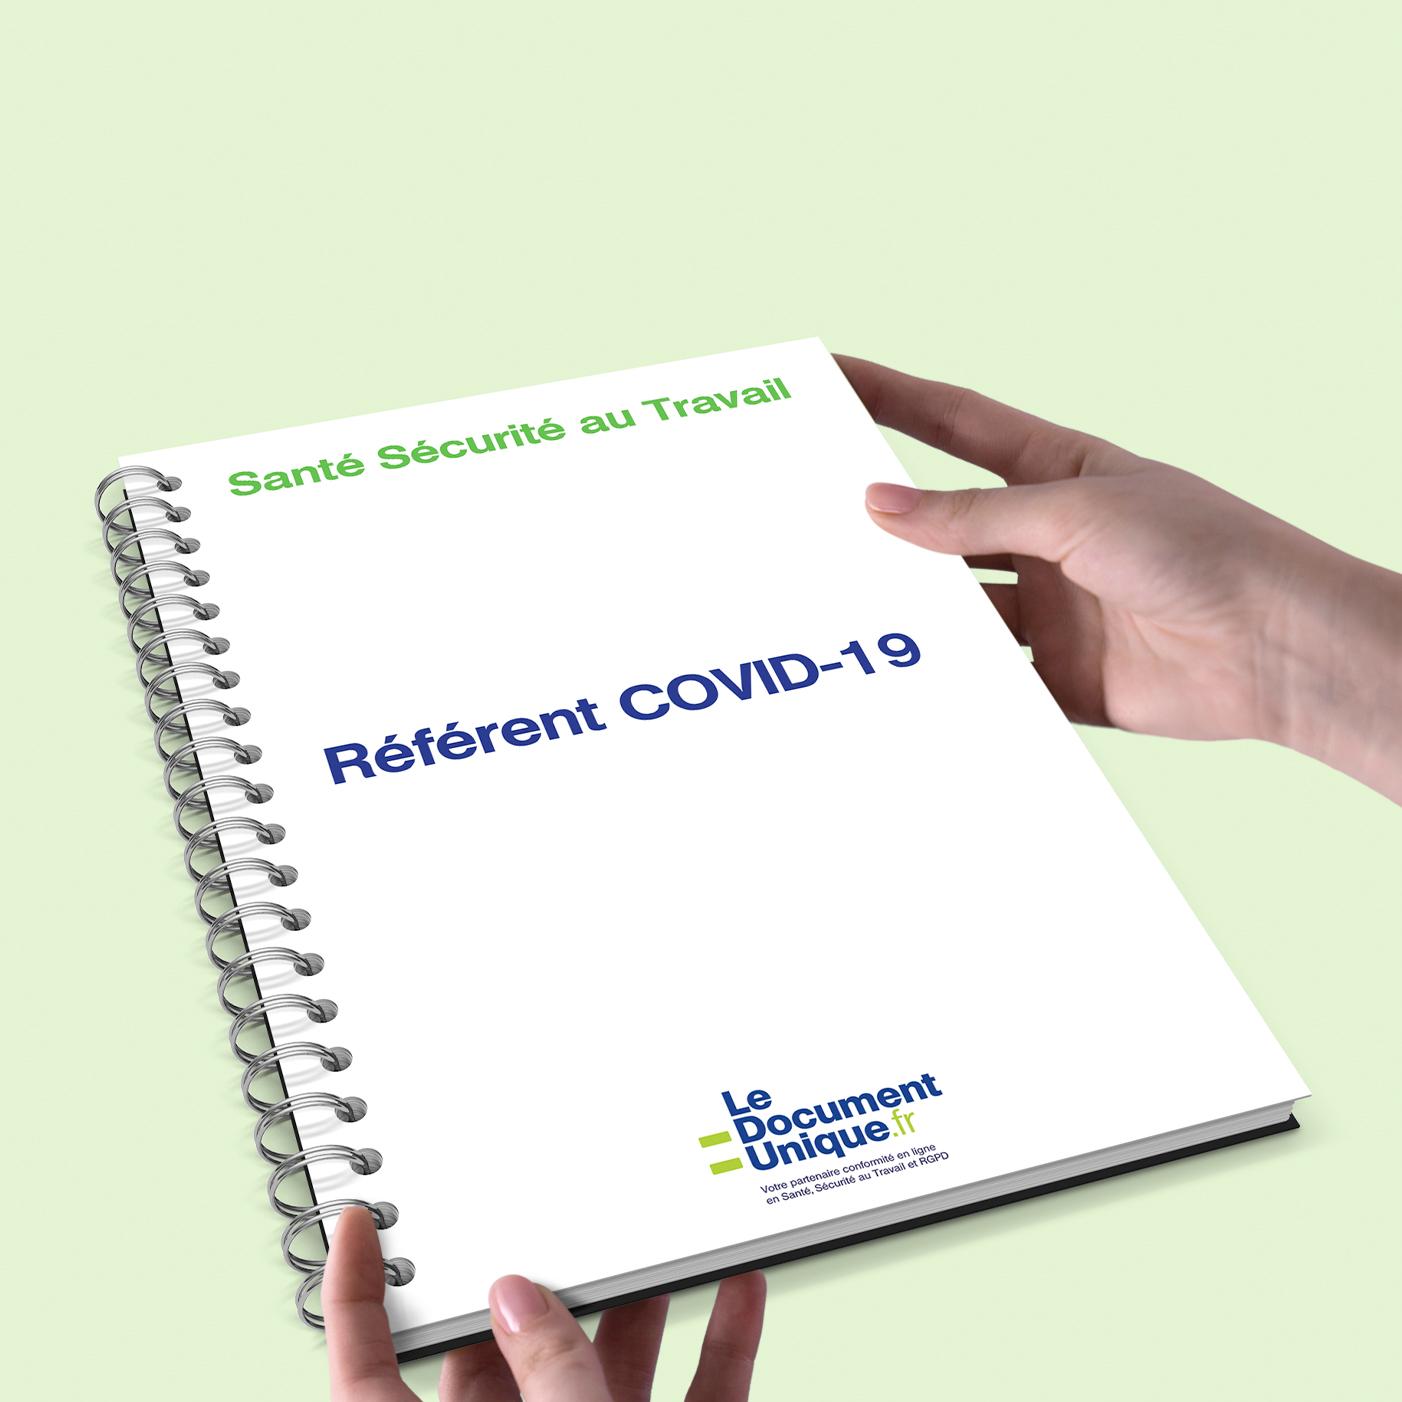 référent COVID-19 pour être conforme santé et sécurité au travail